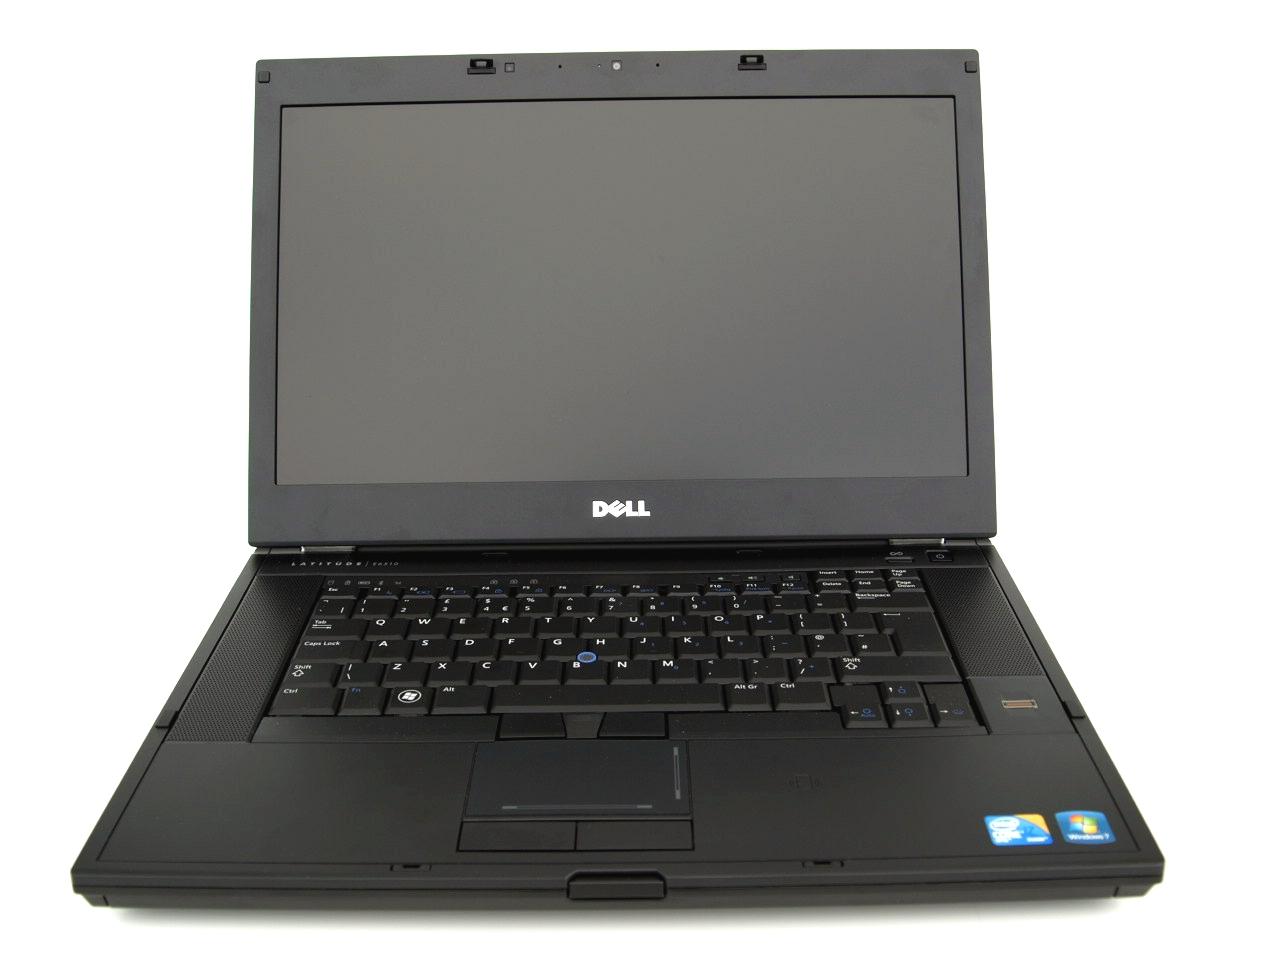 Dell Latitude E6510 Notebook Treiber